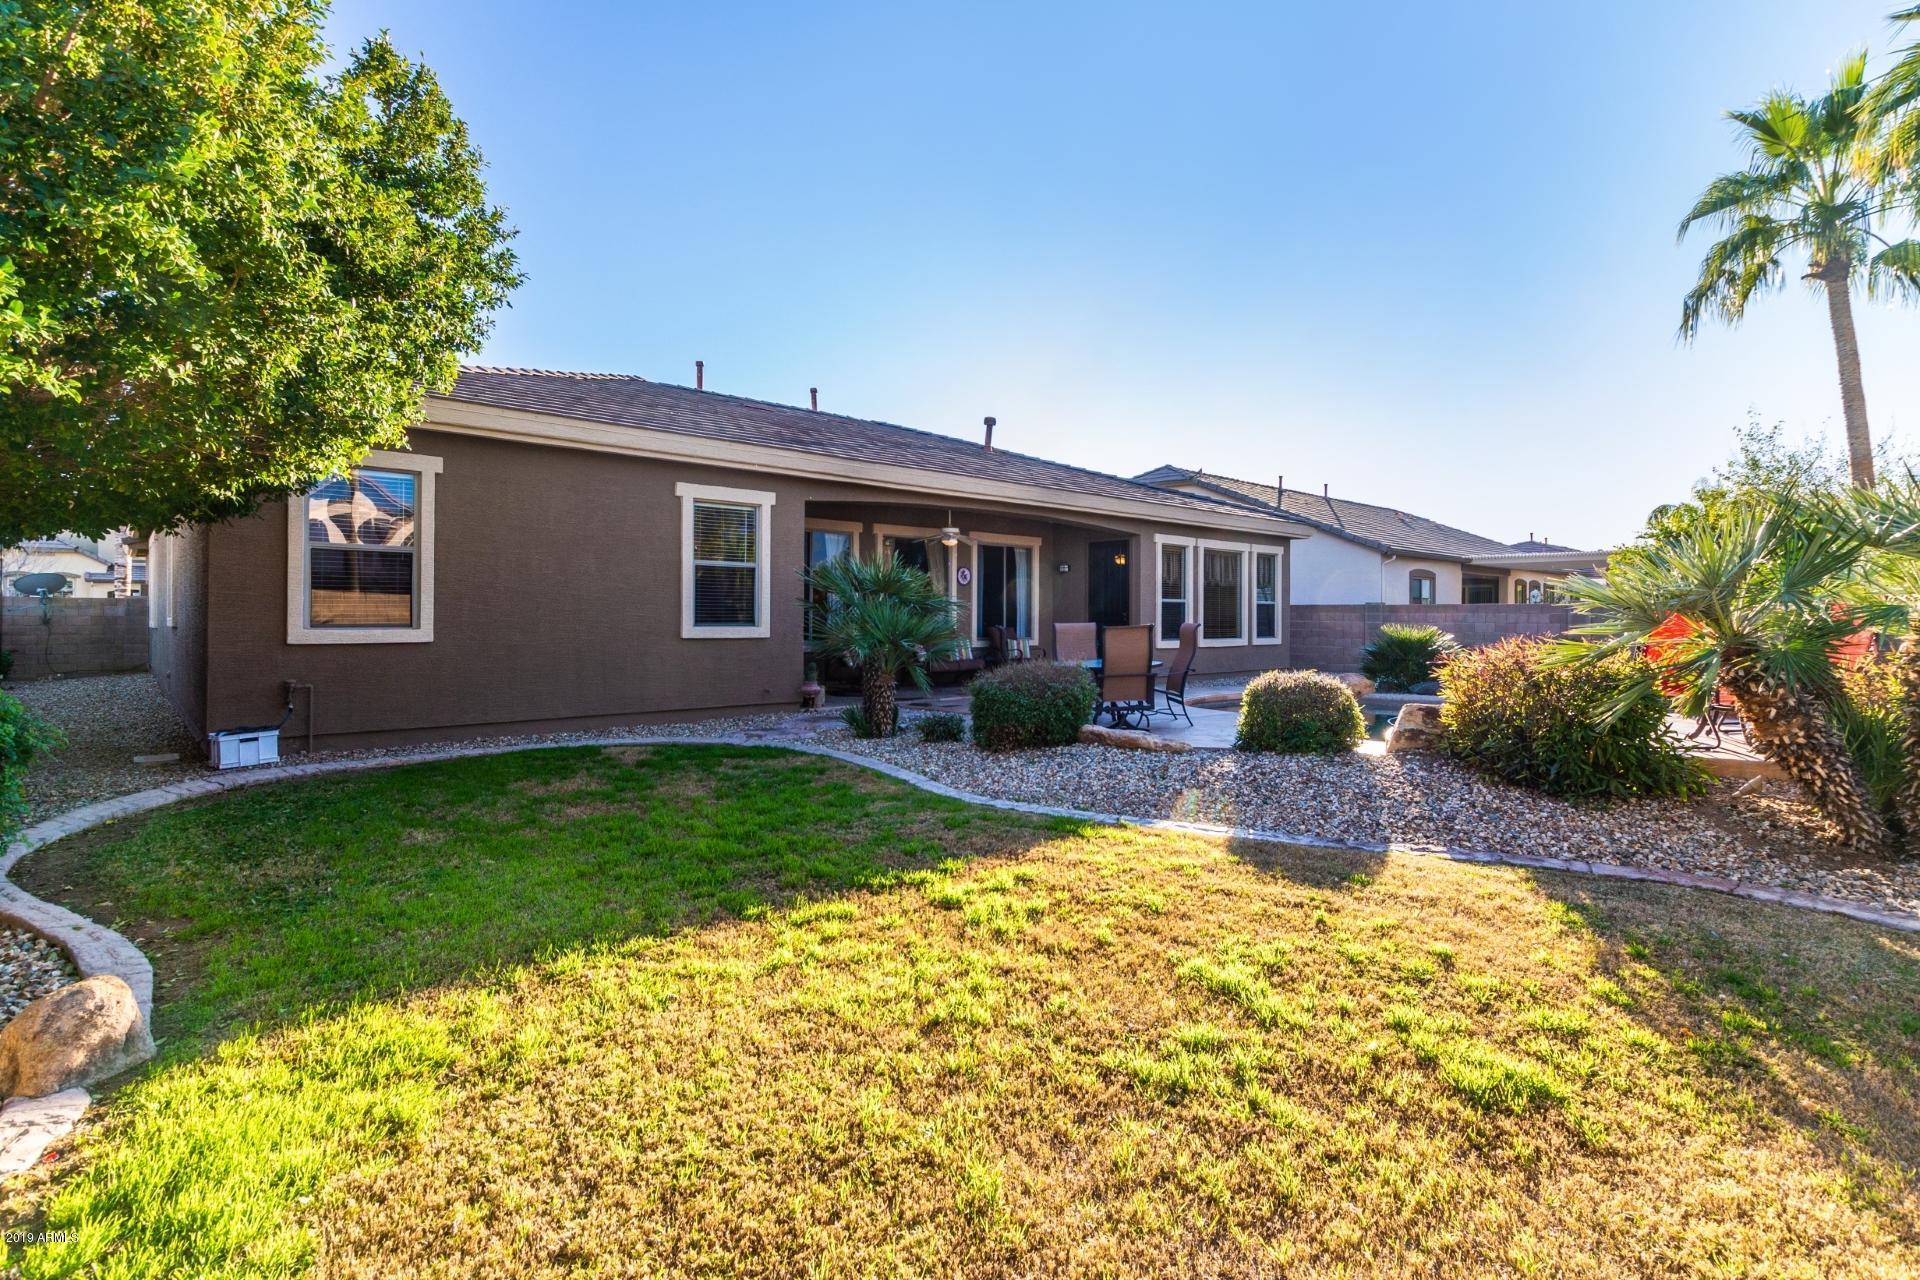 MLS 5880675 3088 E JUANITA Avenue, Gilbert, AZ 85234 Gilbert AZ Tone Ranch Estates